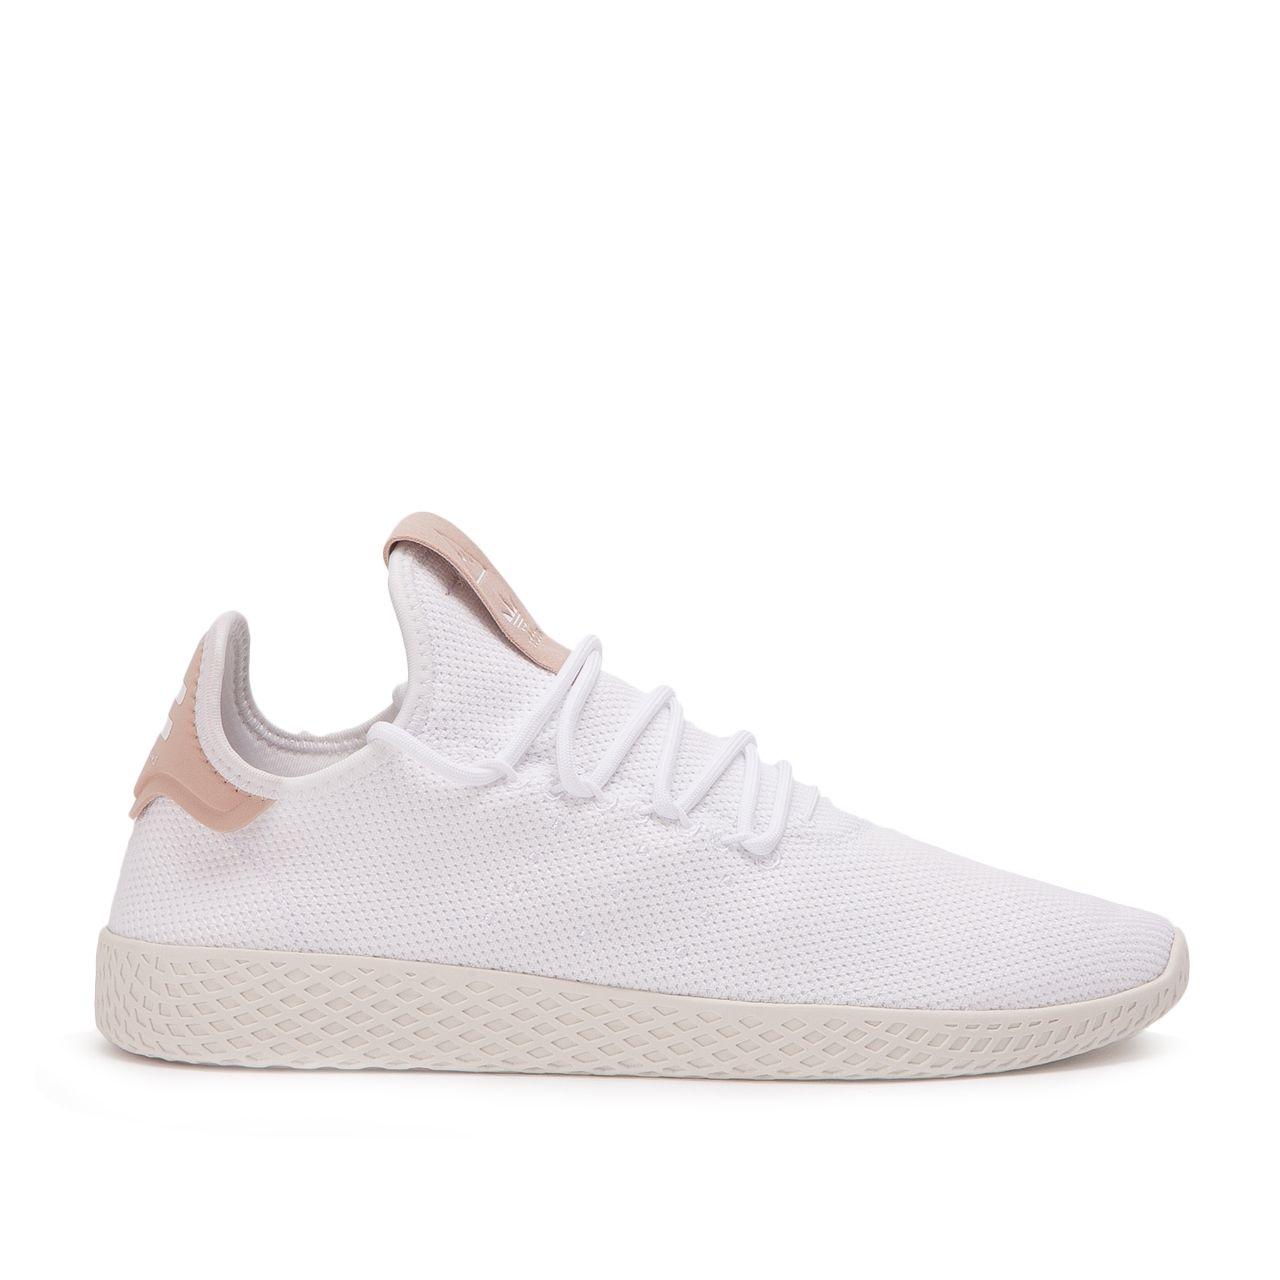 adidas x Pharrell Williams Tennis HU (Weiß Beige) #sneaker